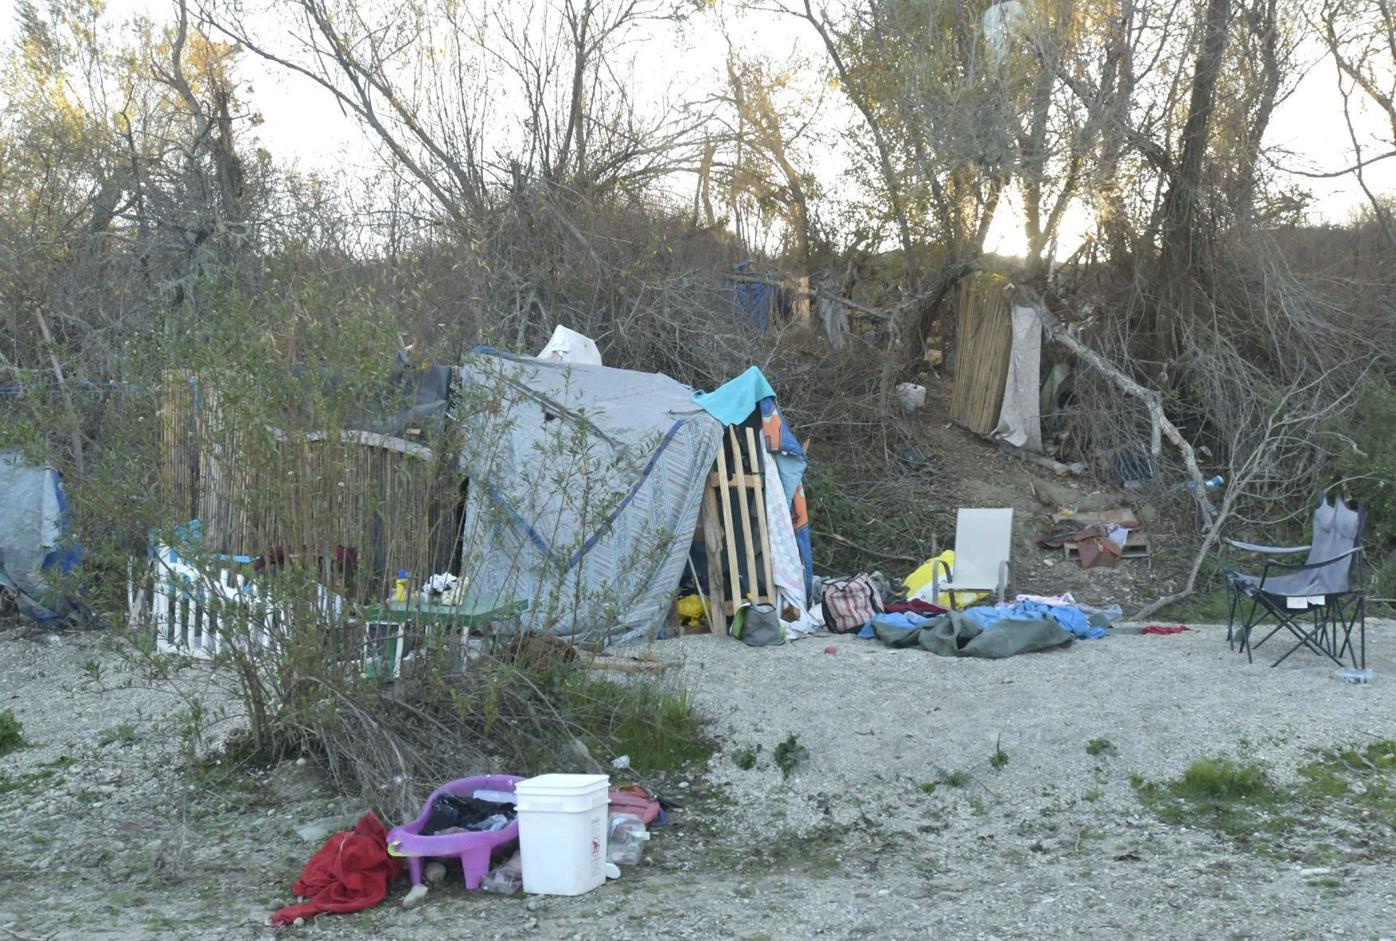 Lompoc homeless encampment.jpg